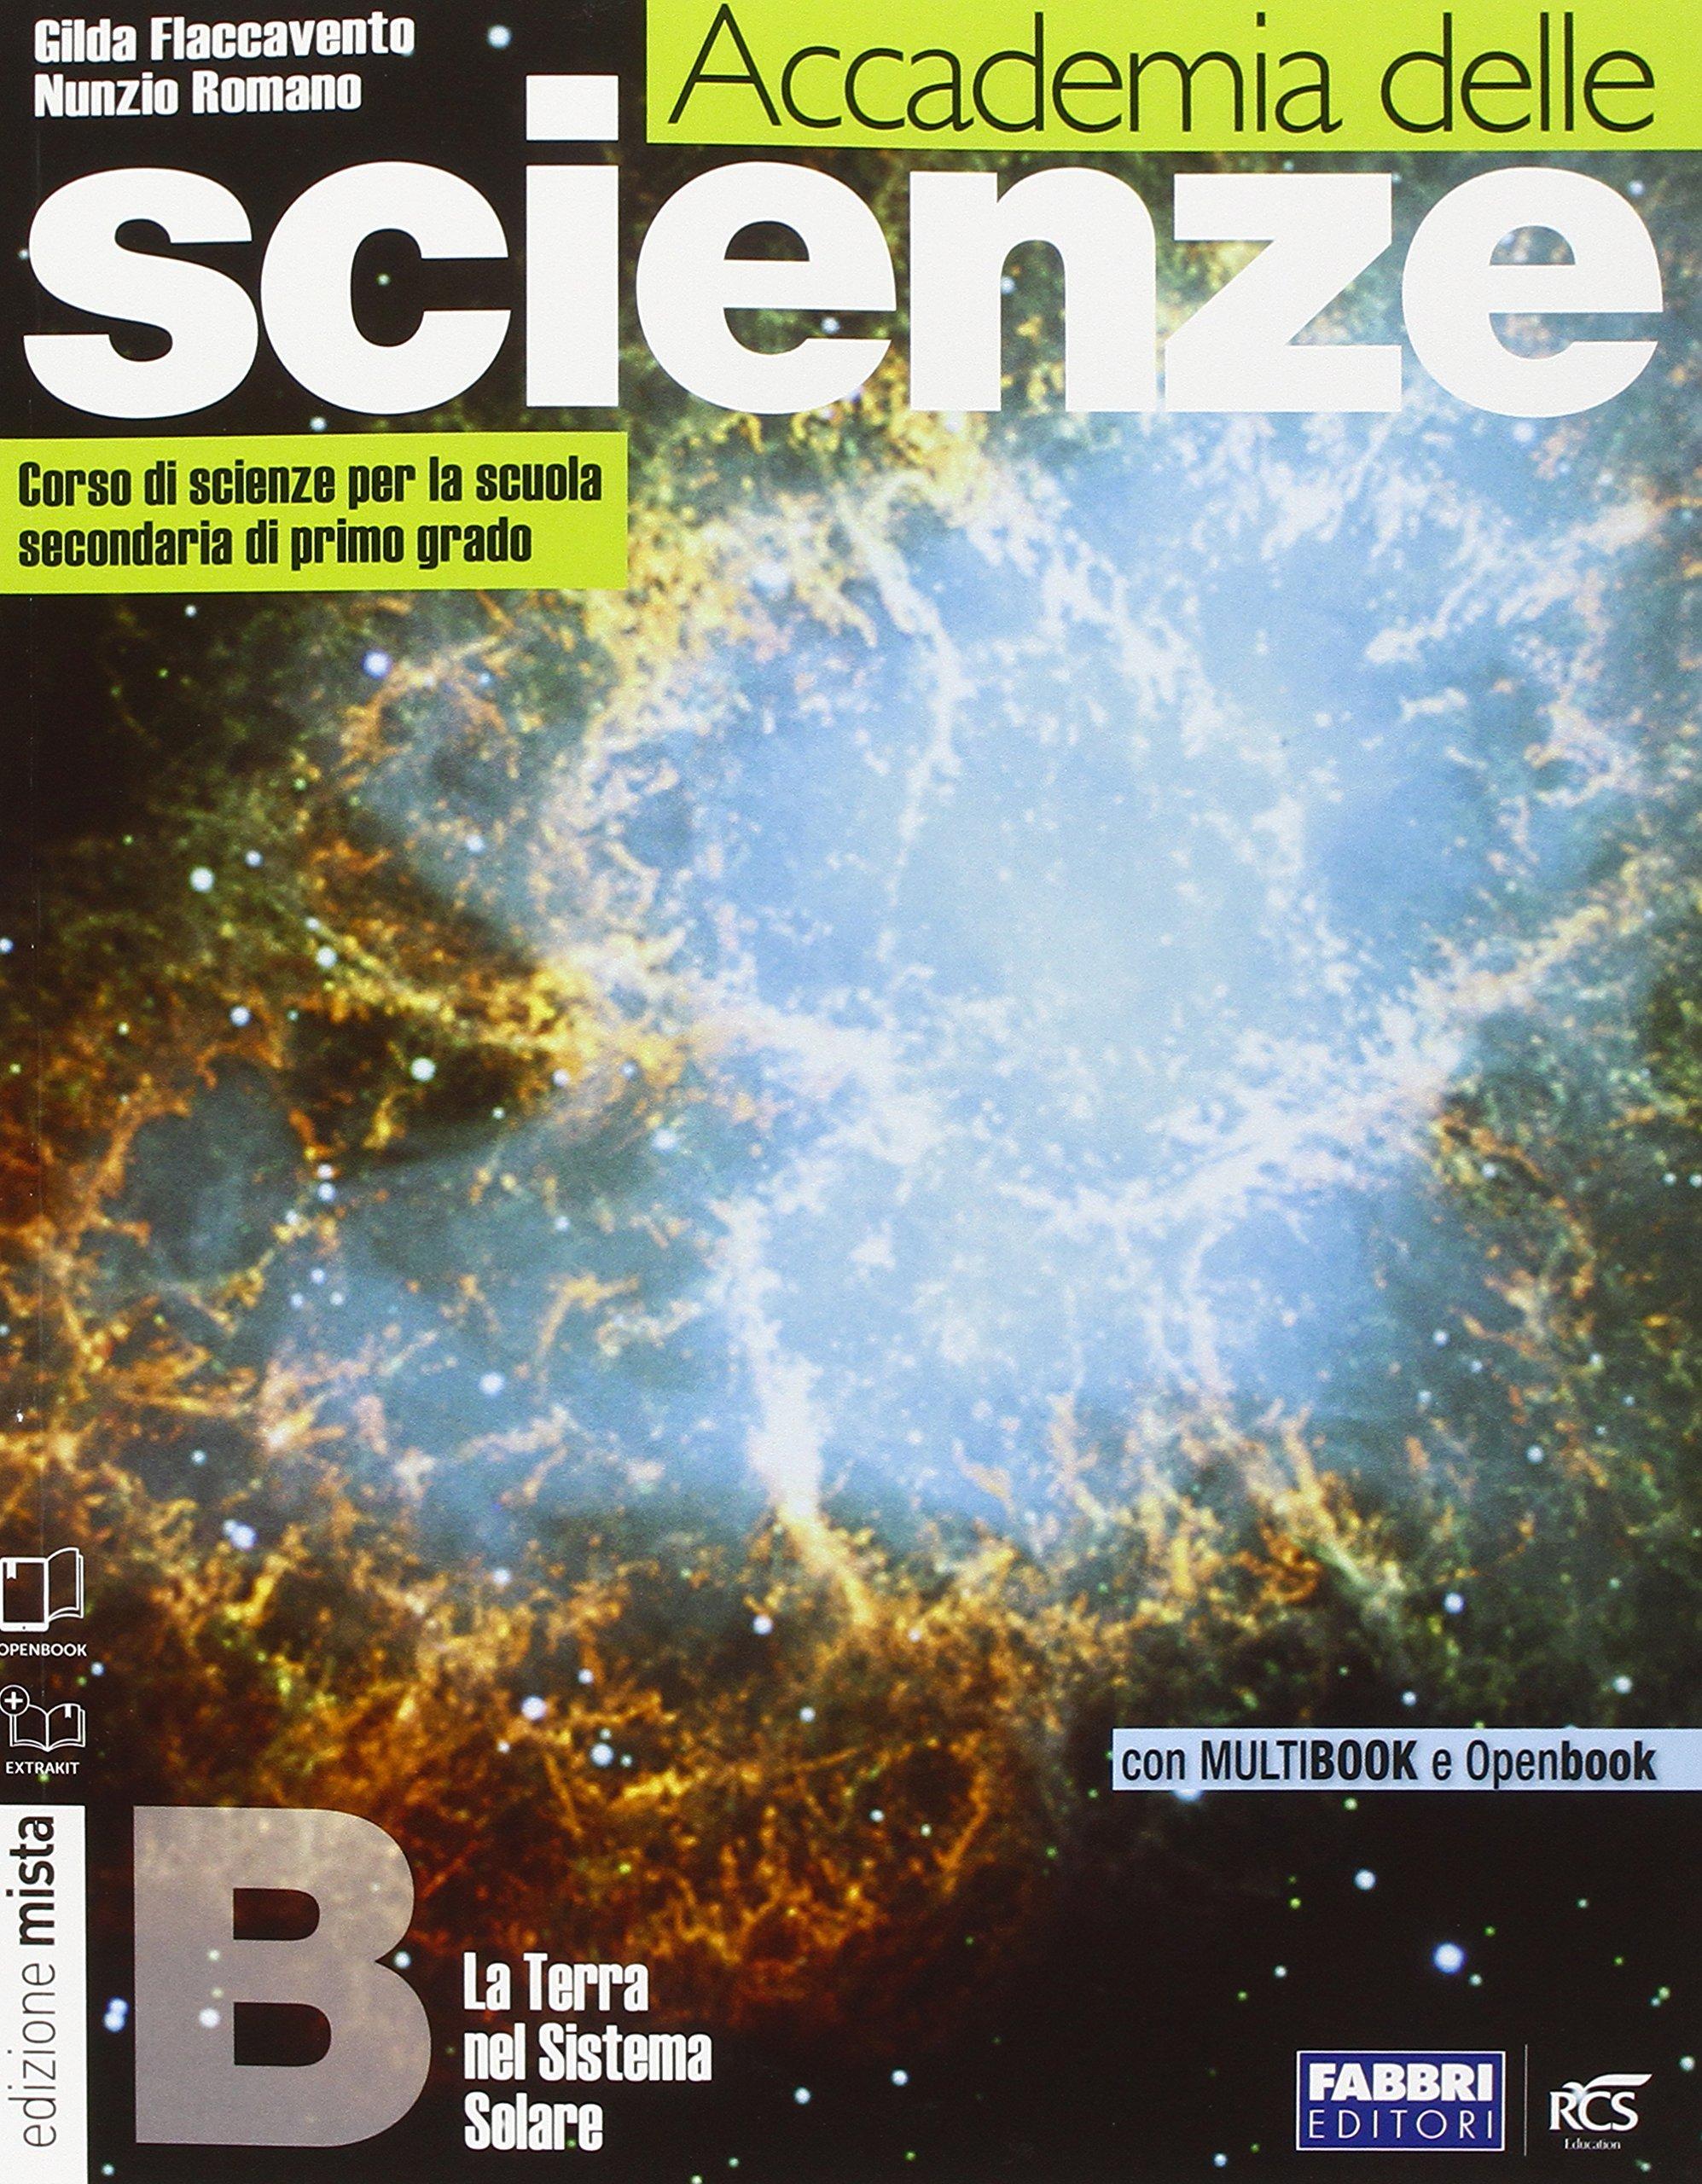 ACCADEMIA delle SCIENZE  Tomi  A-B-C-D con DVD +Il mio quaderno +Info Scienze